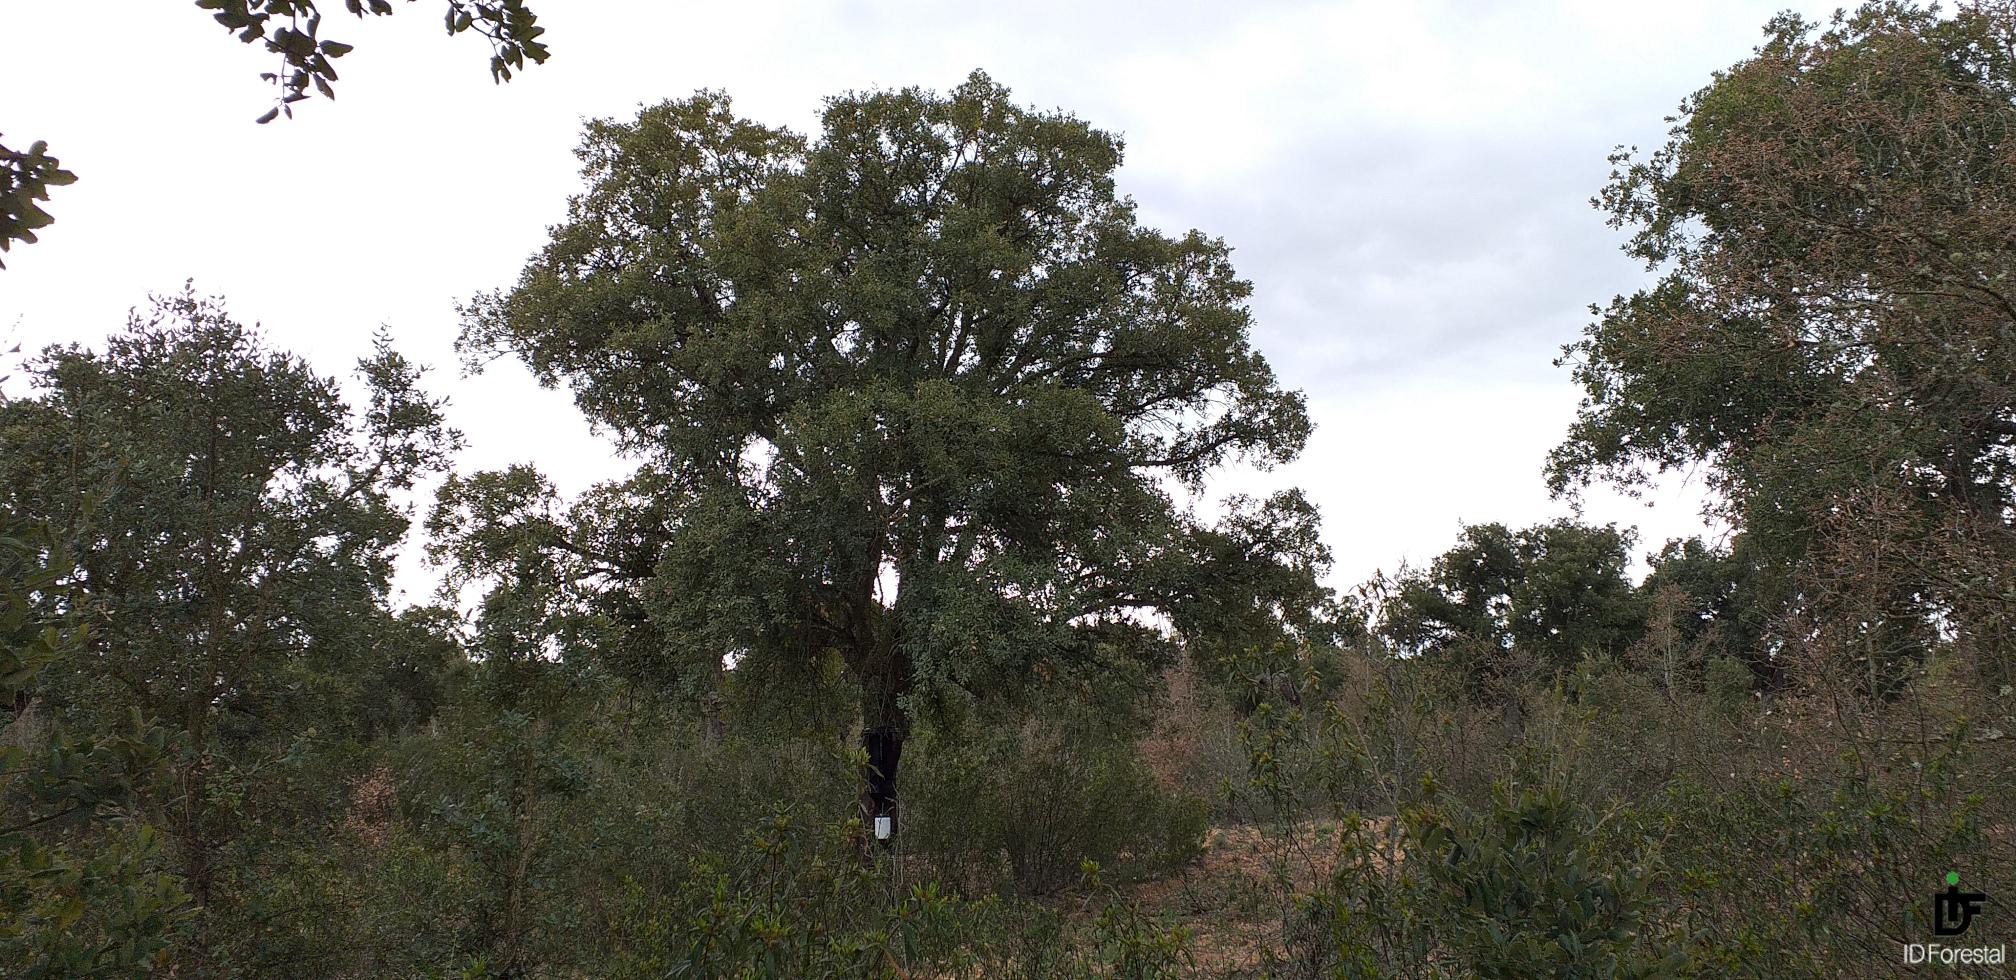 IDForestal Estudio Coraebus undatus Valdelosa (Salamanca)